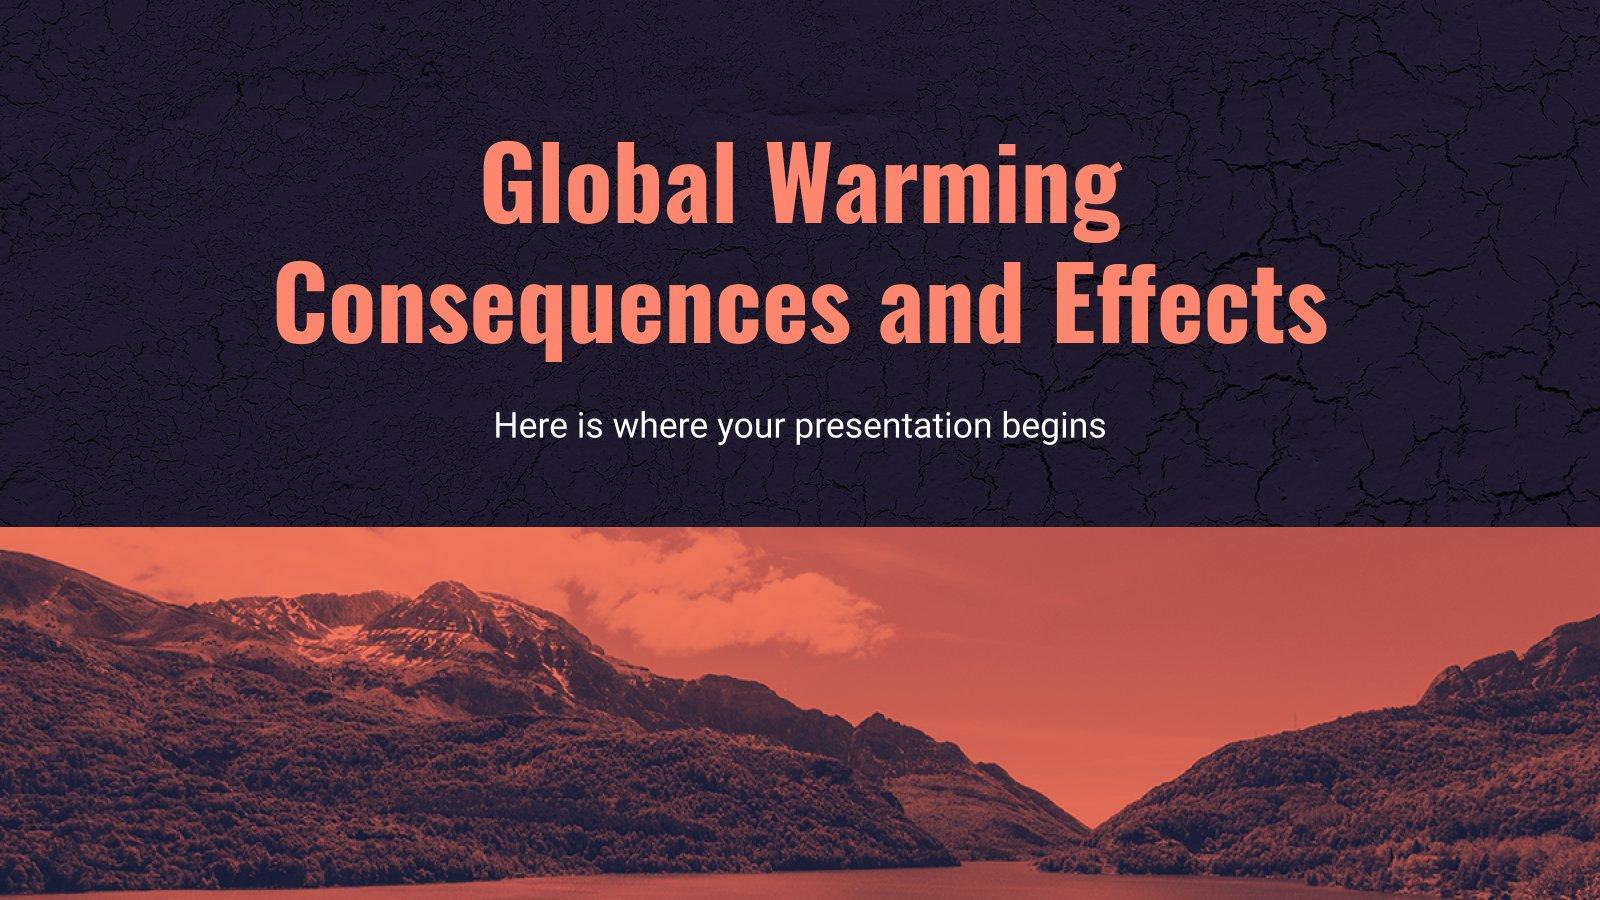 Modelo de apresentação Conseqüências e efeitos do aquecimento global